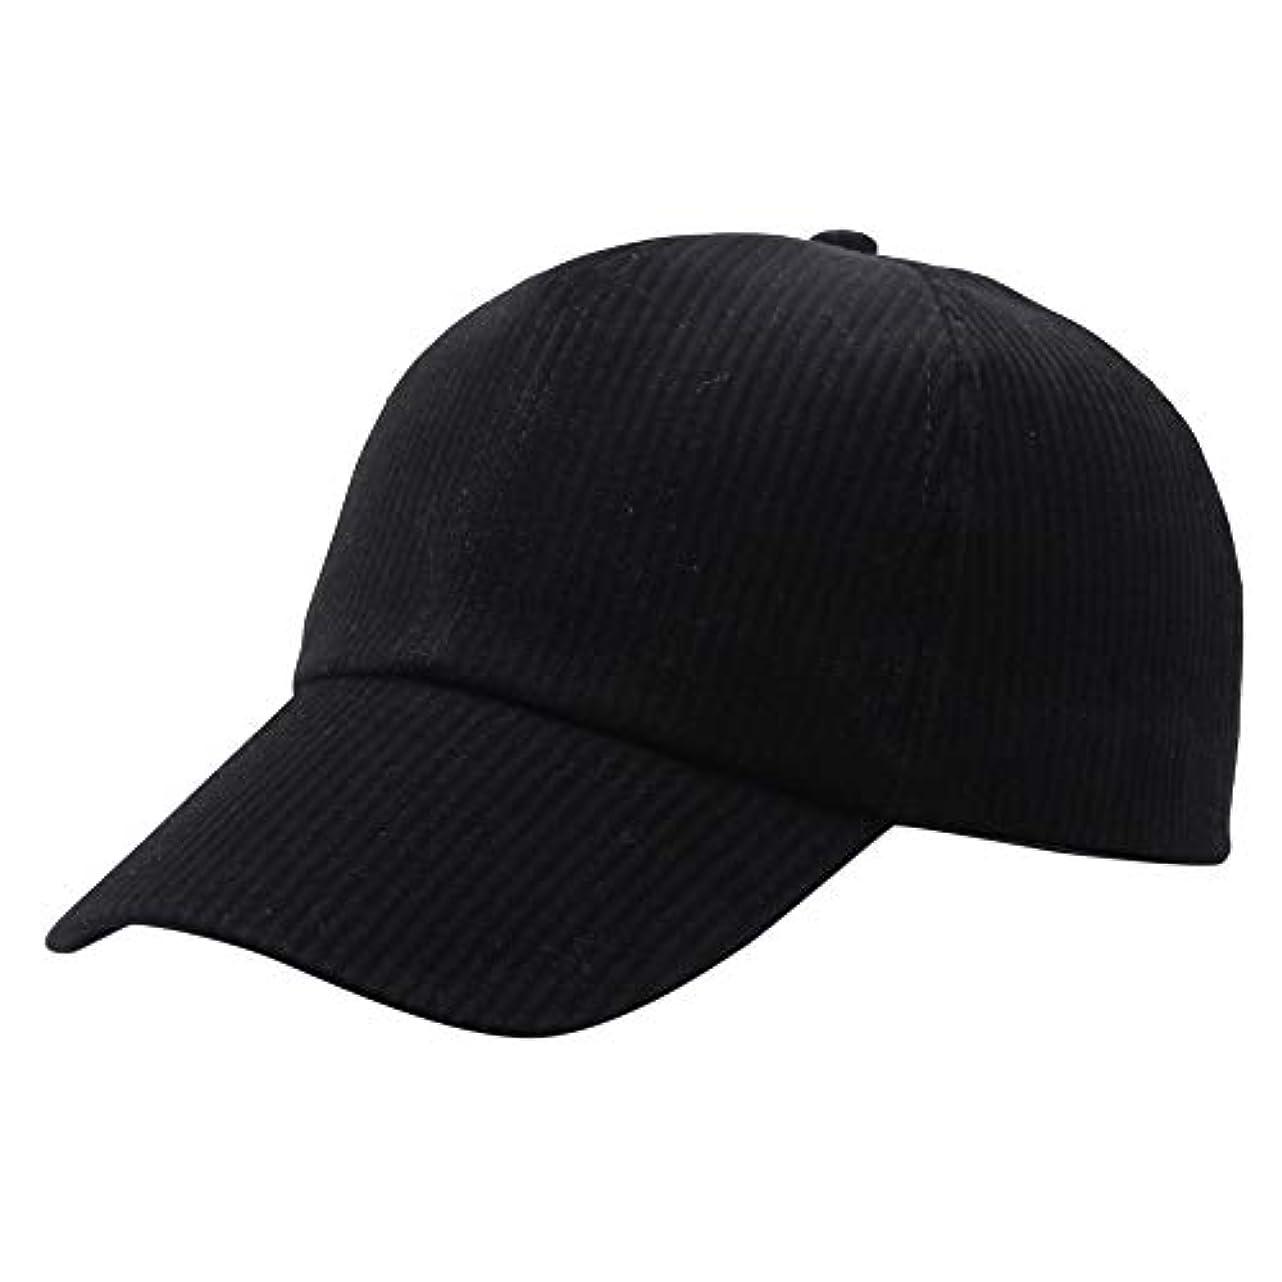 大聖堂高度な架空のRacazing Cap コーデュロイ 野球帽 迷彩 夏 登山 通気性のある メッシュ 帽子 ベルクロ 可調整可能 ストライプ 刺繍 棒球帽 UV 帽子 軽量 屋外 Unisex Hat (B)